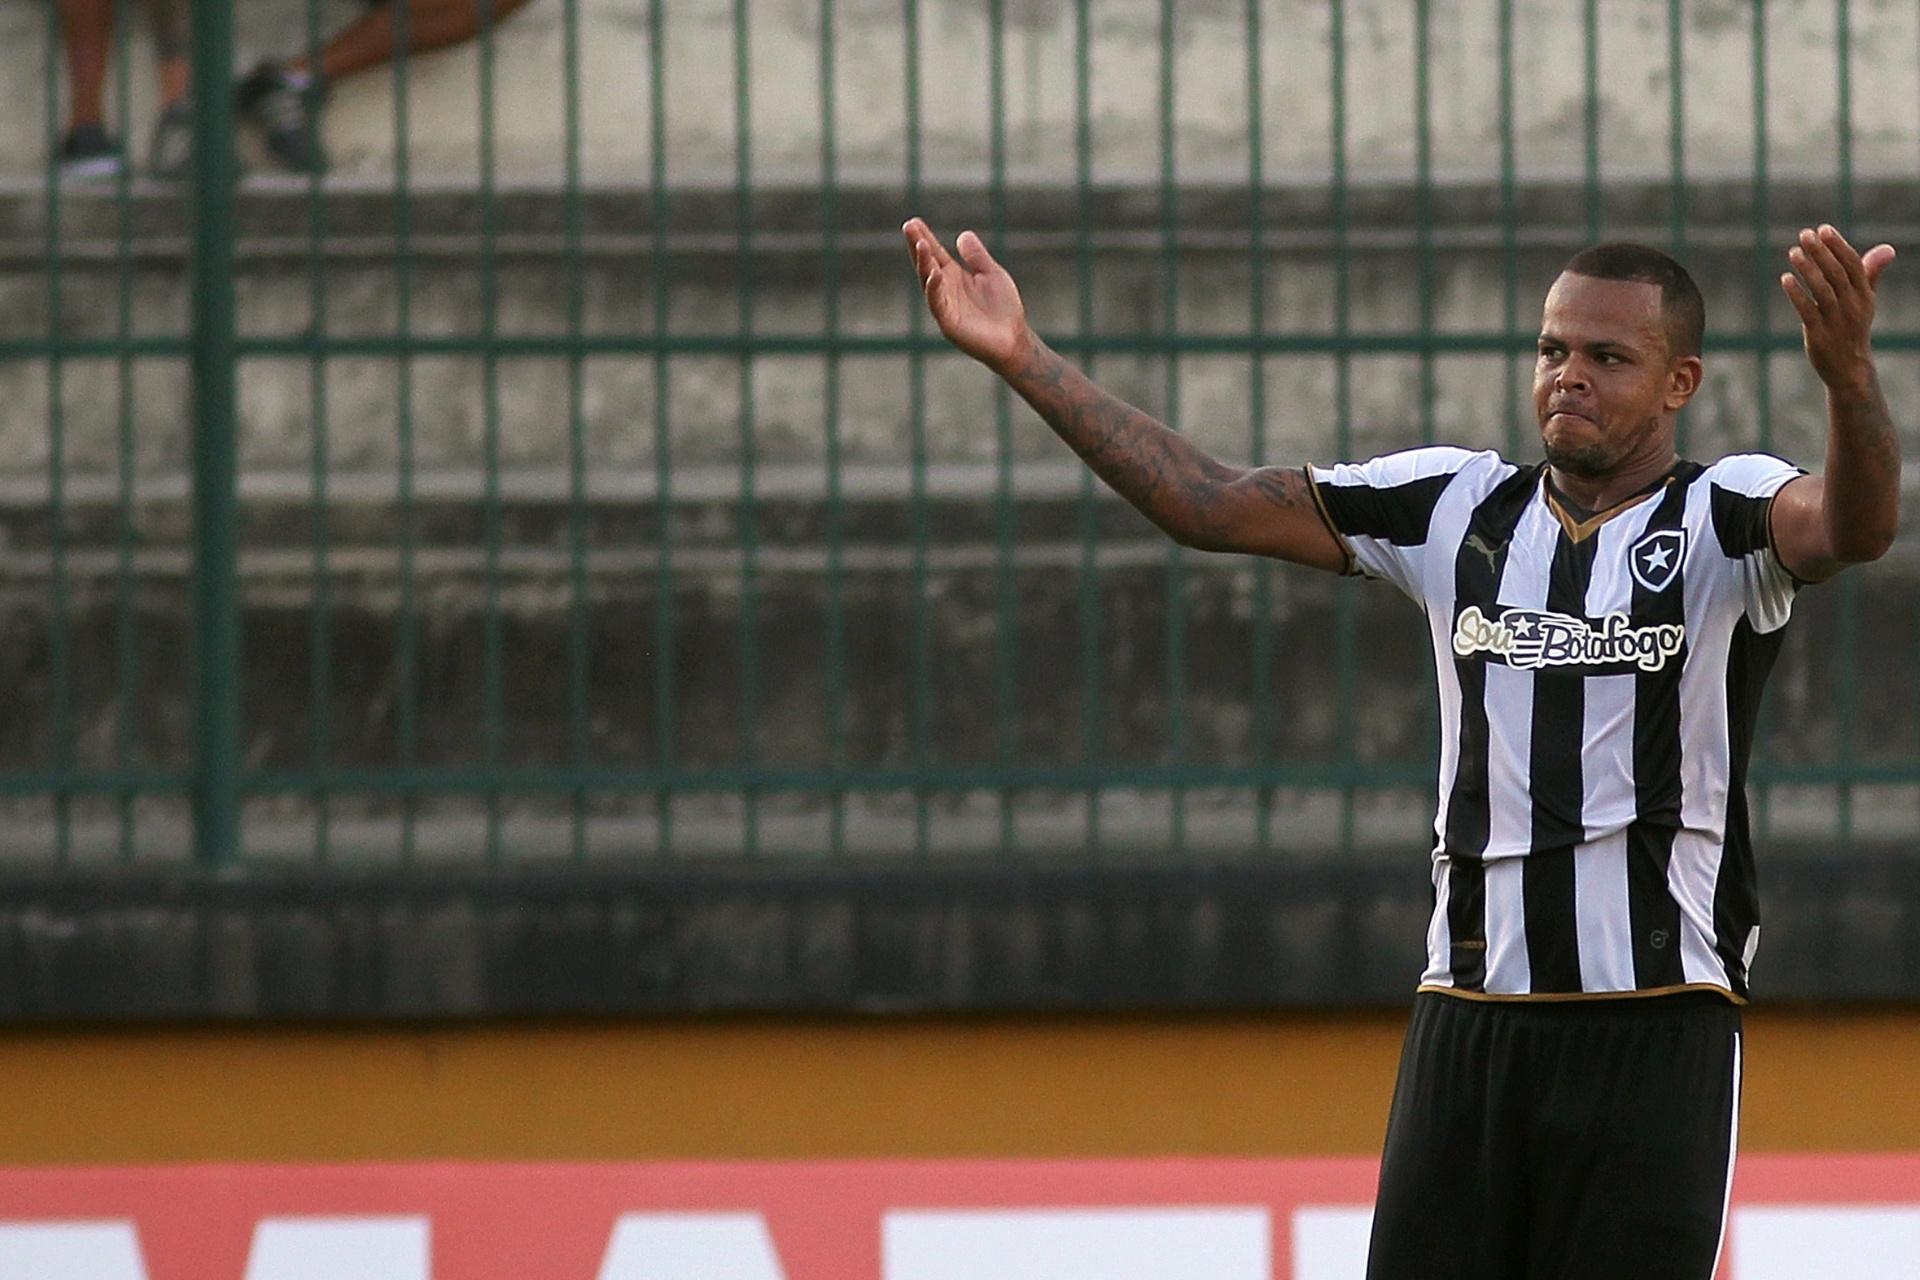 20dedff0d6 Bill provoca atacante do Fla após vitória do Botafogo   Só sabe correr  -  01 03 2015 - UOL Esporte